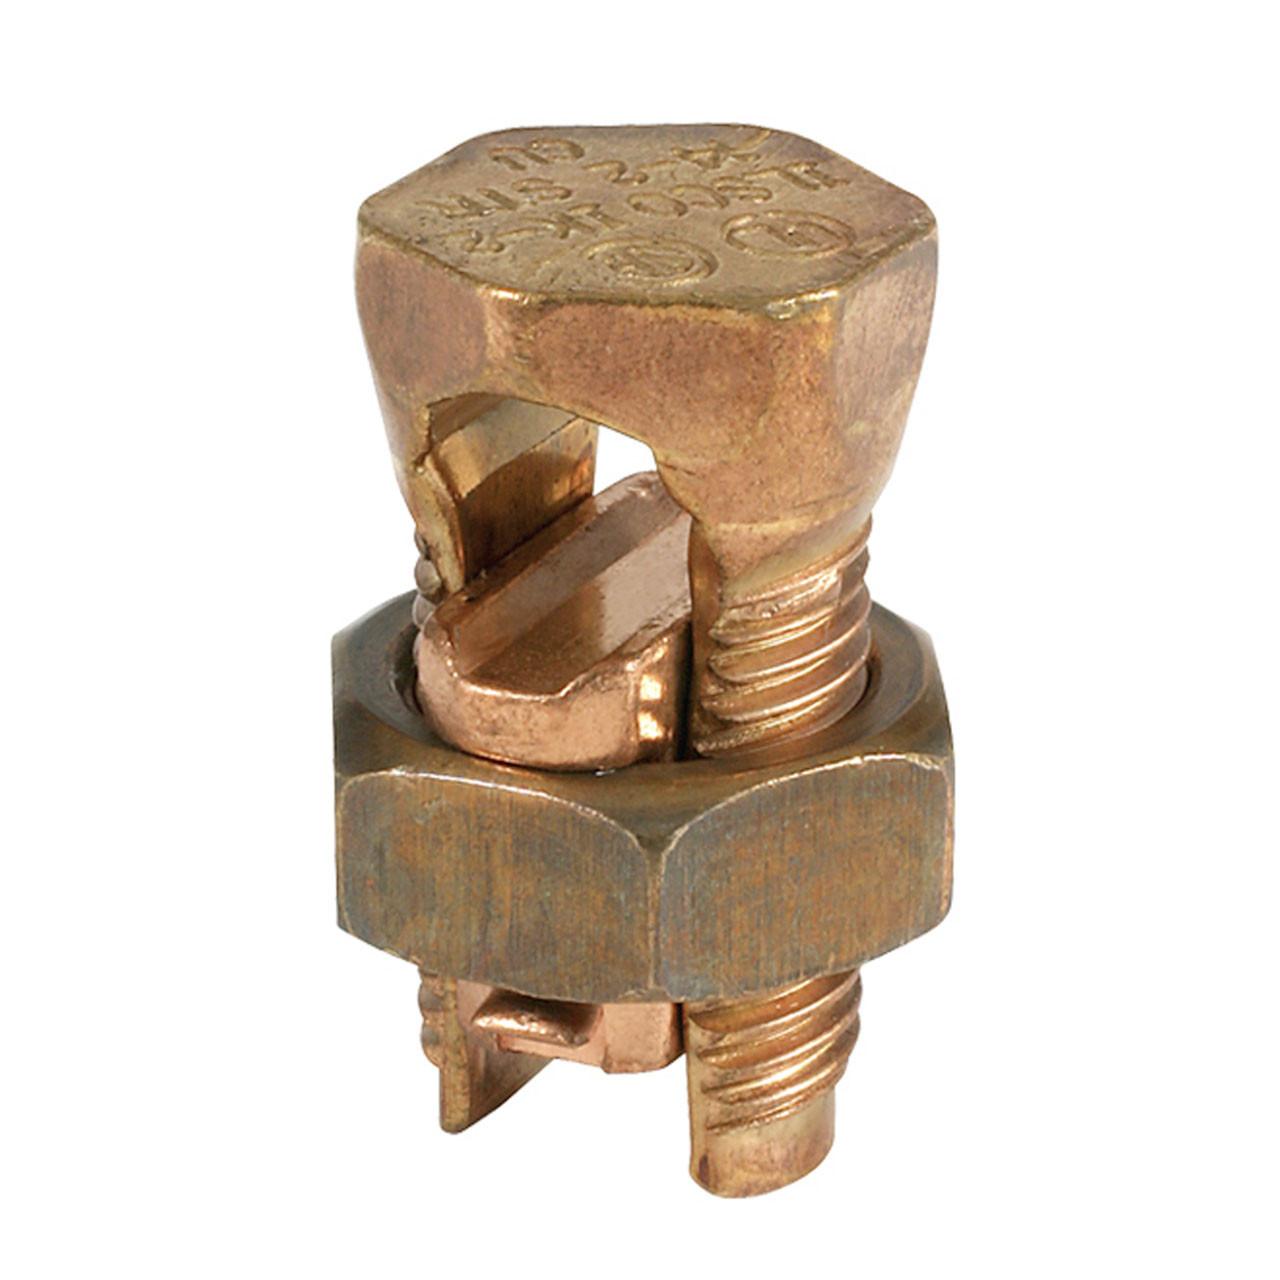 8-16 Copper Split Bolt